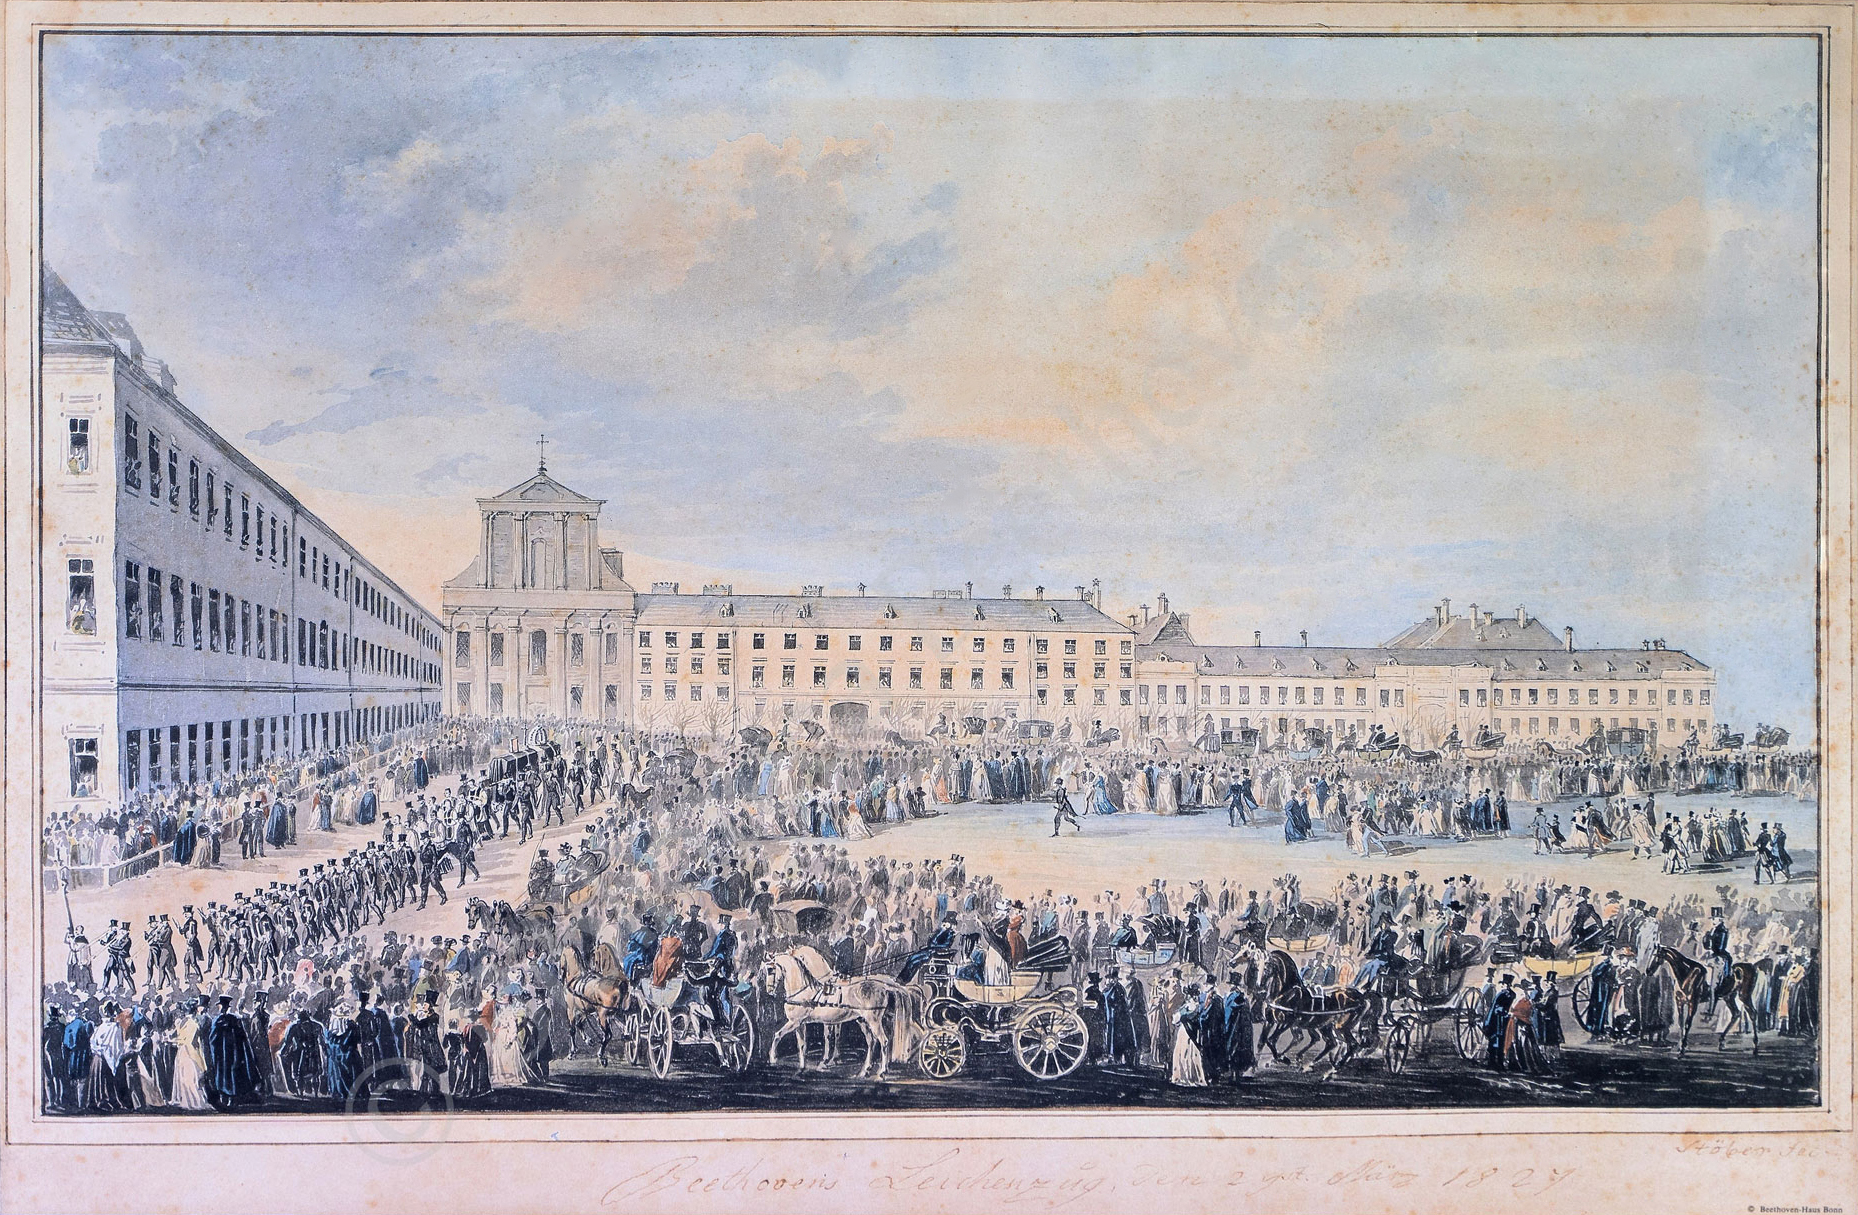 El 29 de marzo de 1827 se ofició el funeral de Beethoven, al que acudieron más de 20000 personas.